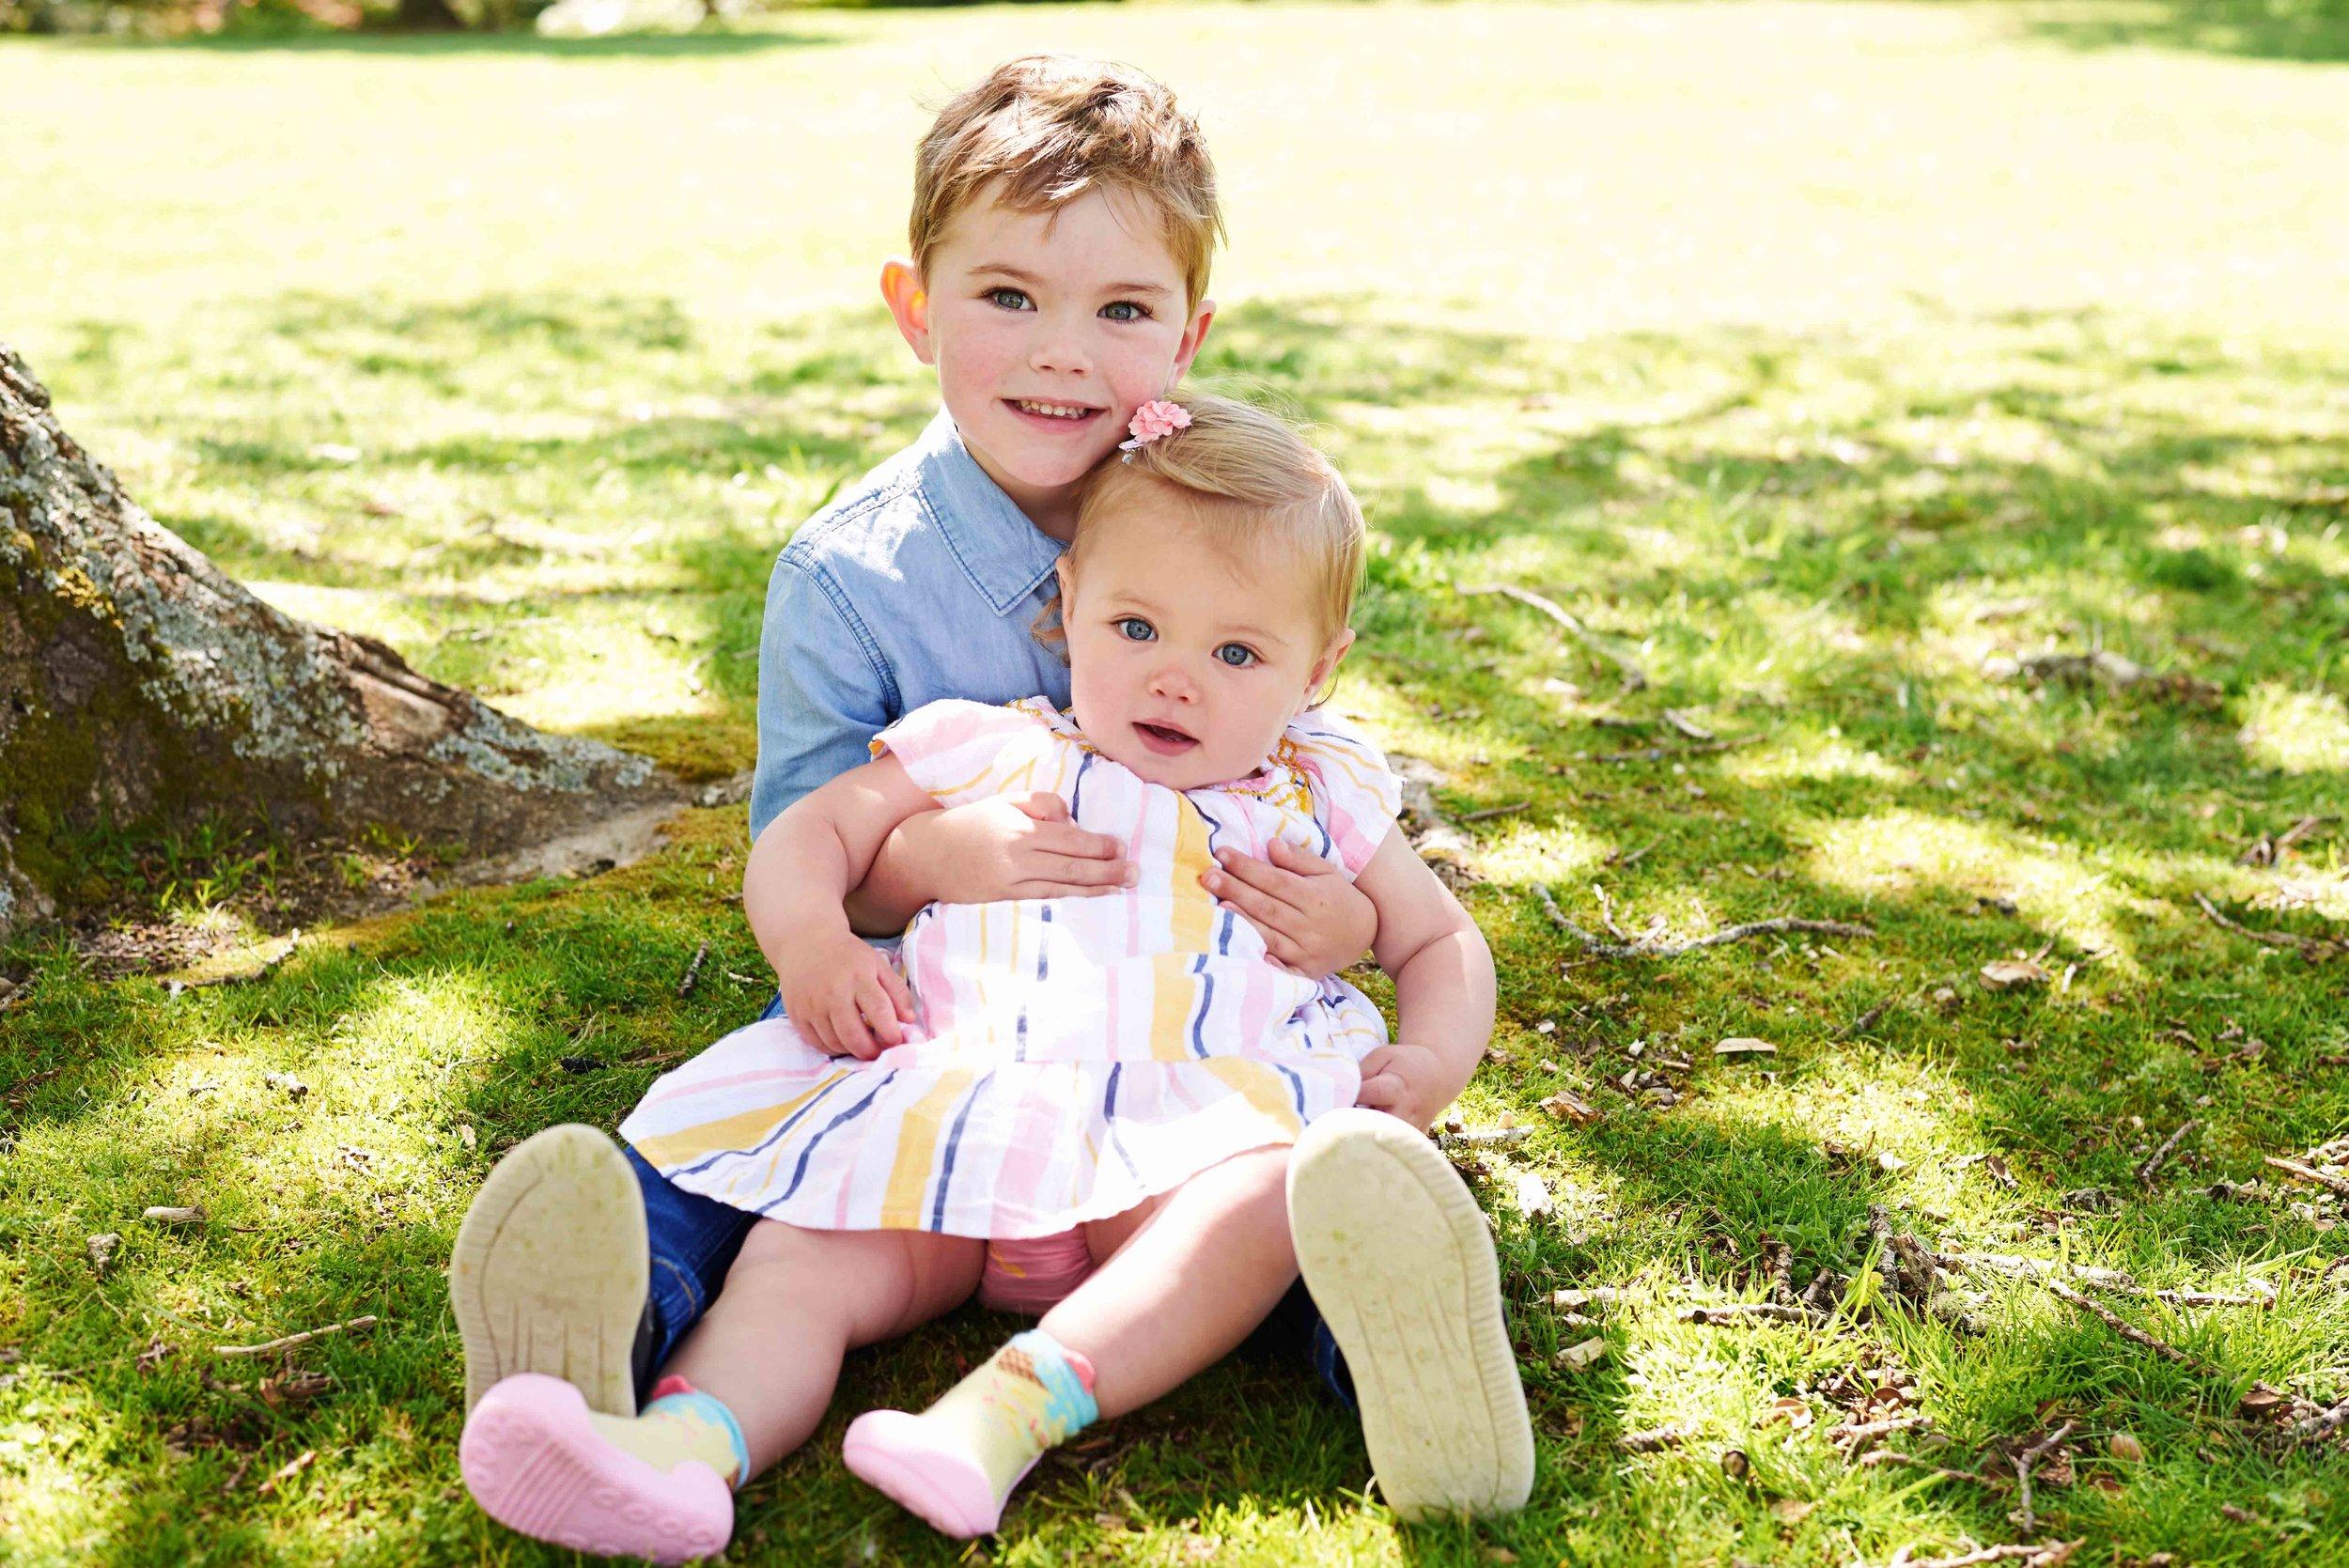 Mornington-peninsula-family-photographer-marissa-jade-photography-sorrento-rye-12.jpg